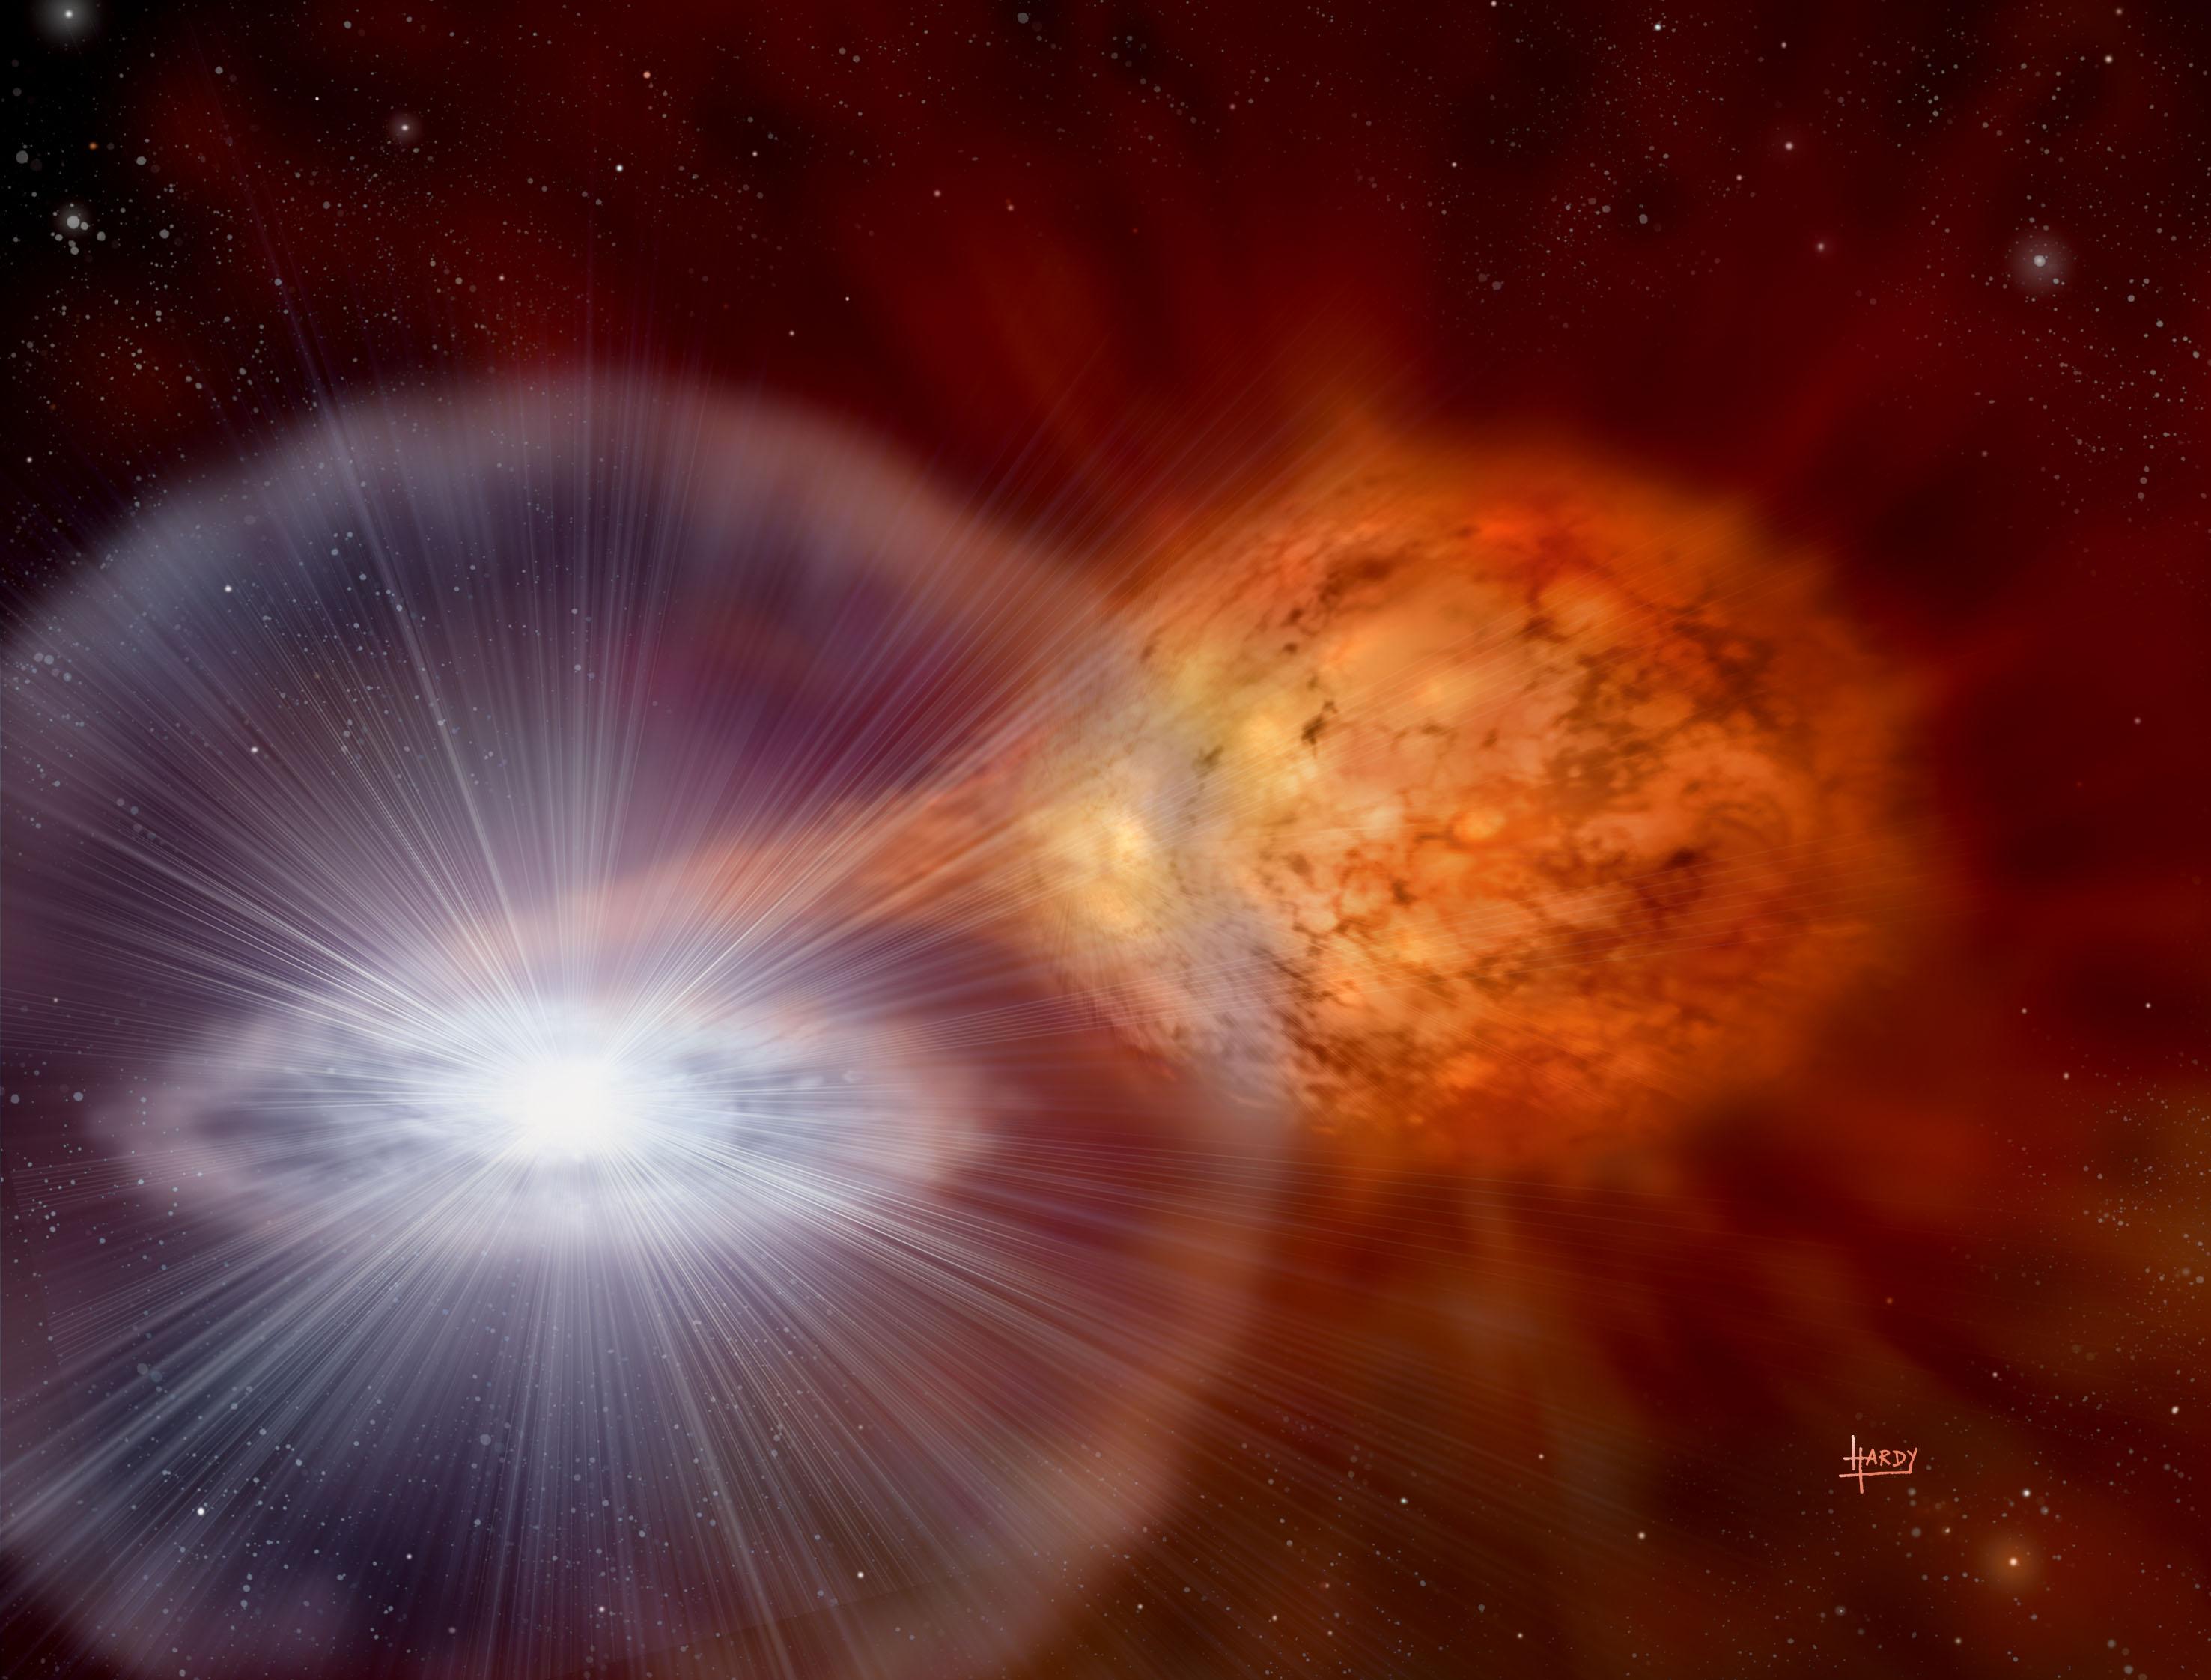 Художественное изображение белого карлика, медленно увеличивающего свою массу за счет аккреции вещества звезды-компаньона в тесной двойной системе.